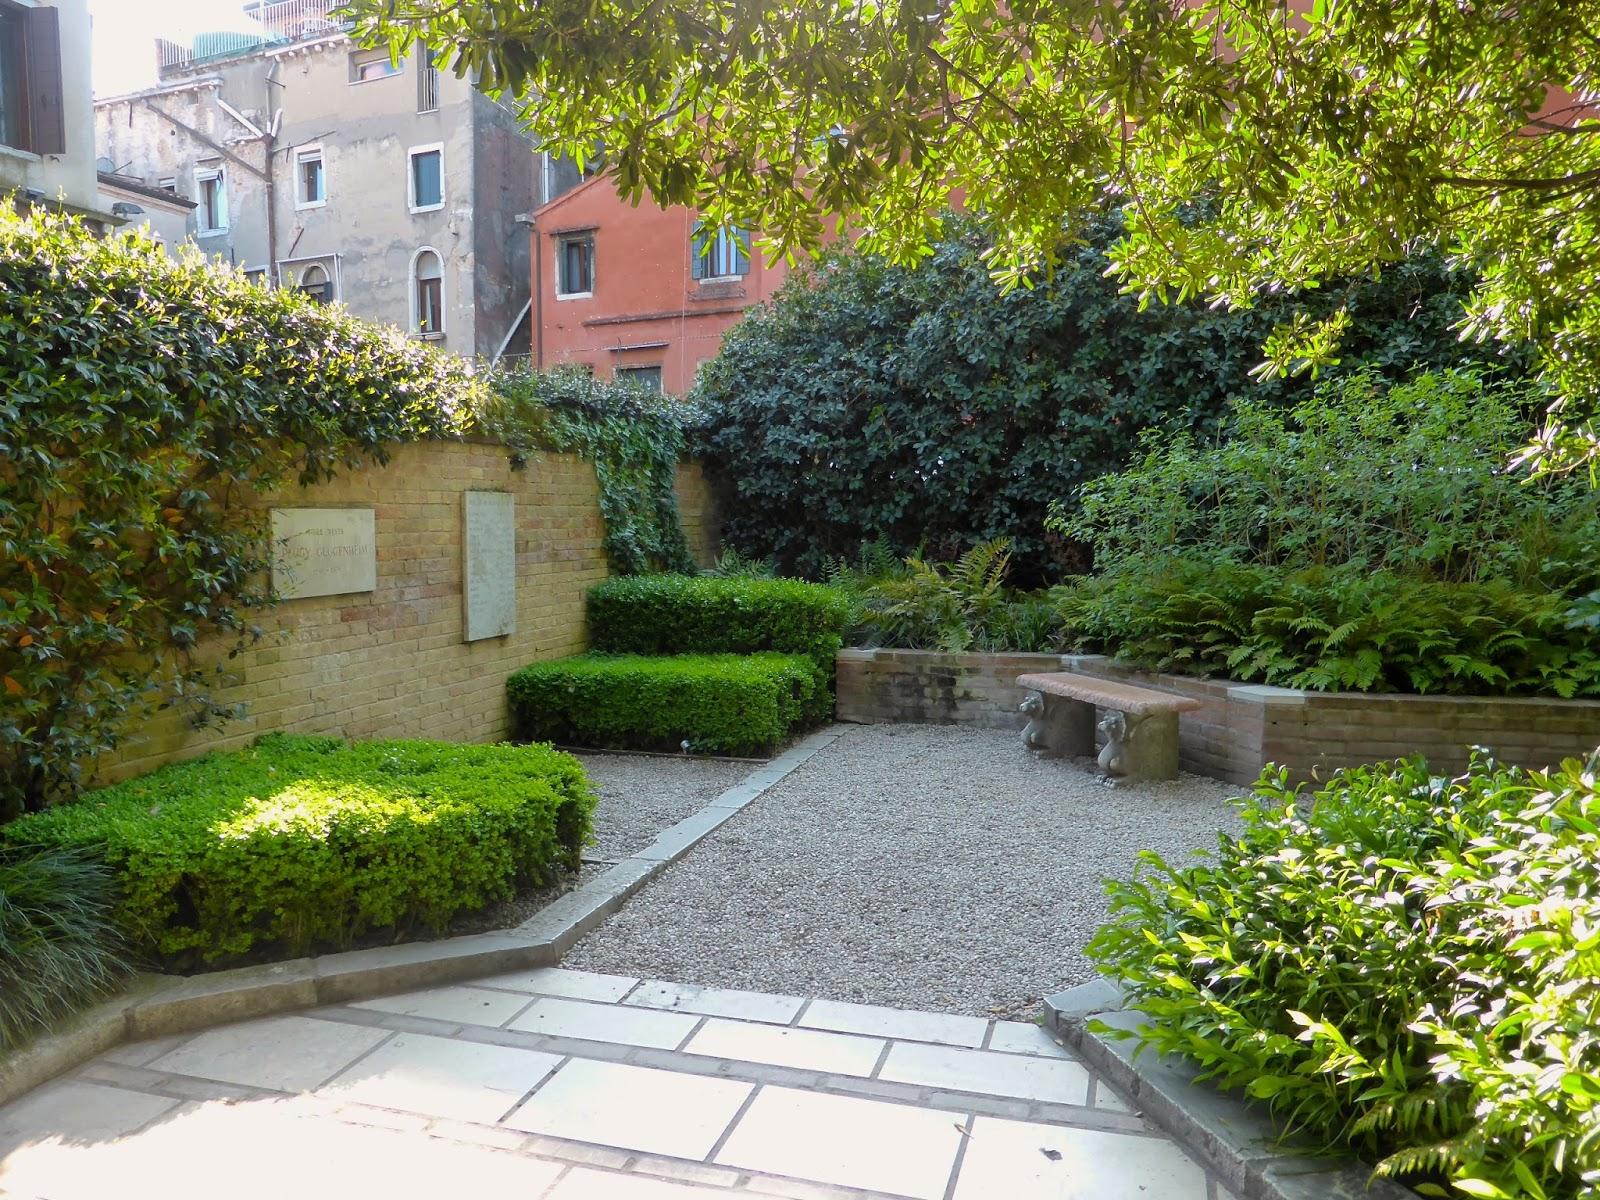 Facciamo un giro in centro venezia sestiere dorsoduro for Giardino 54 nyc